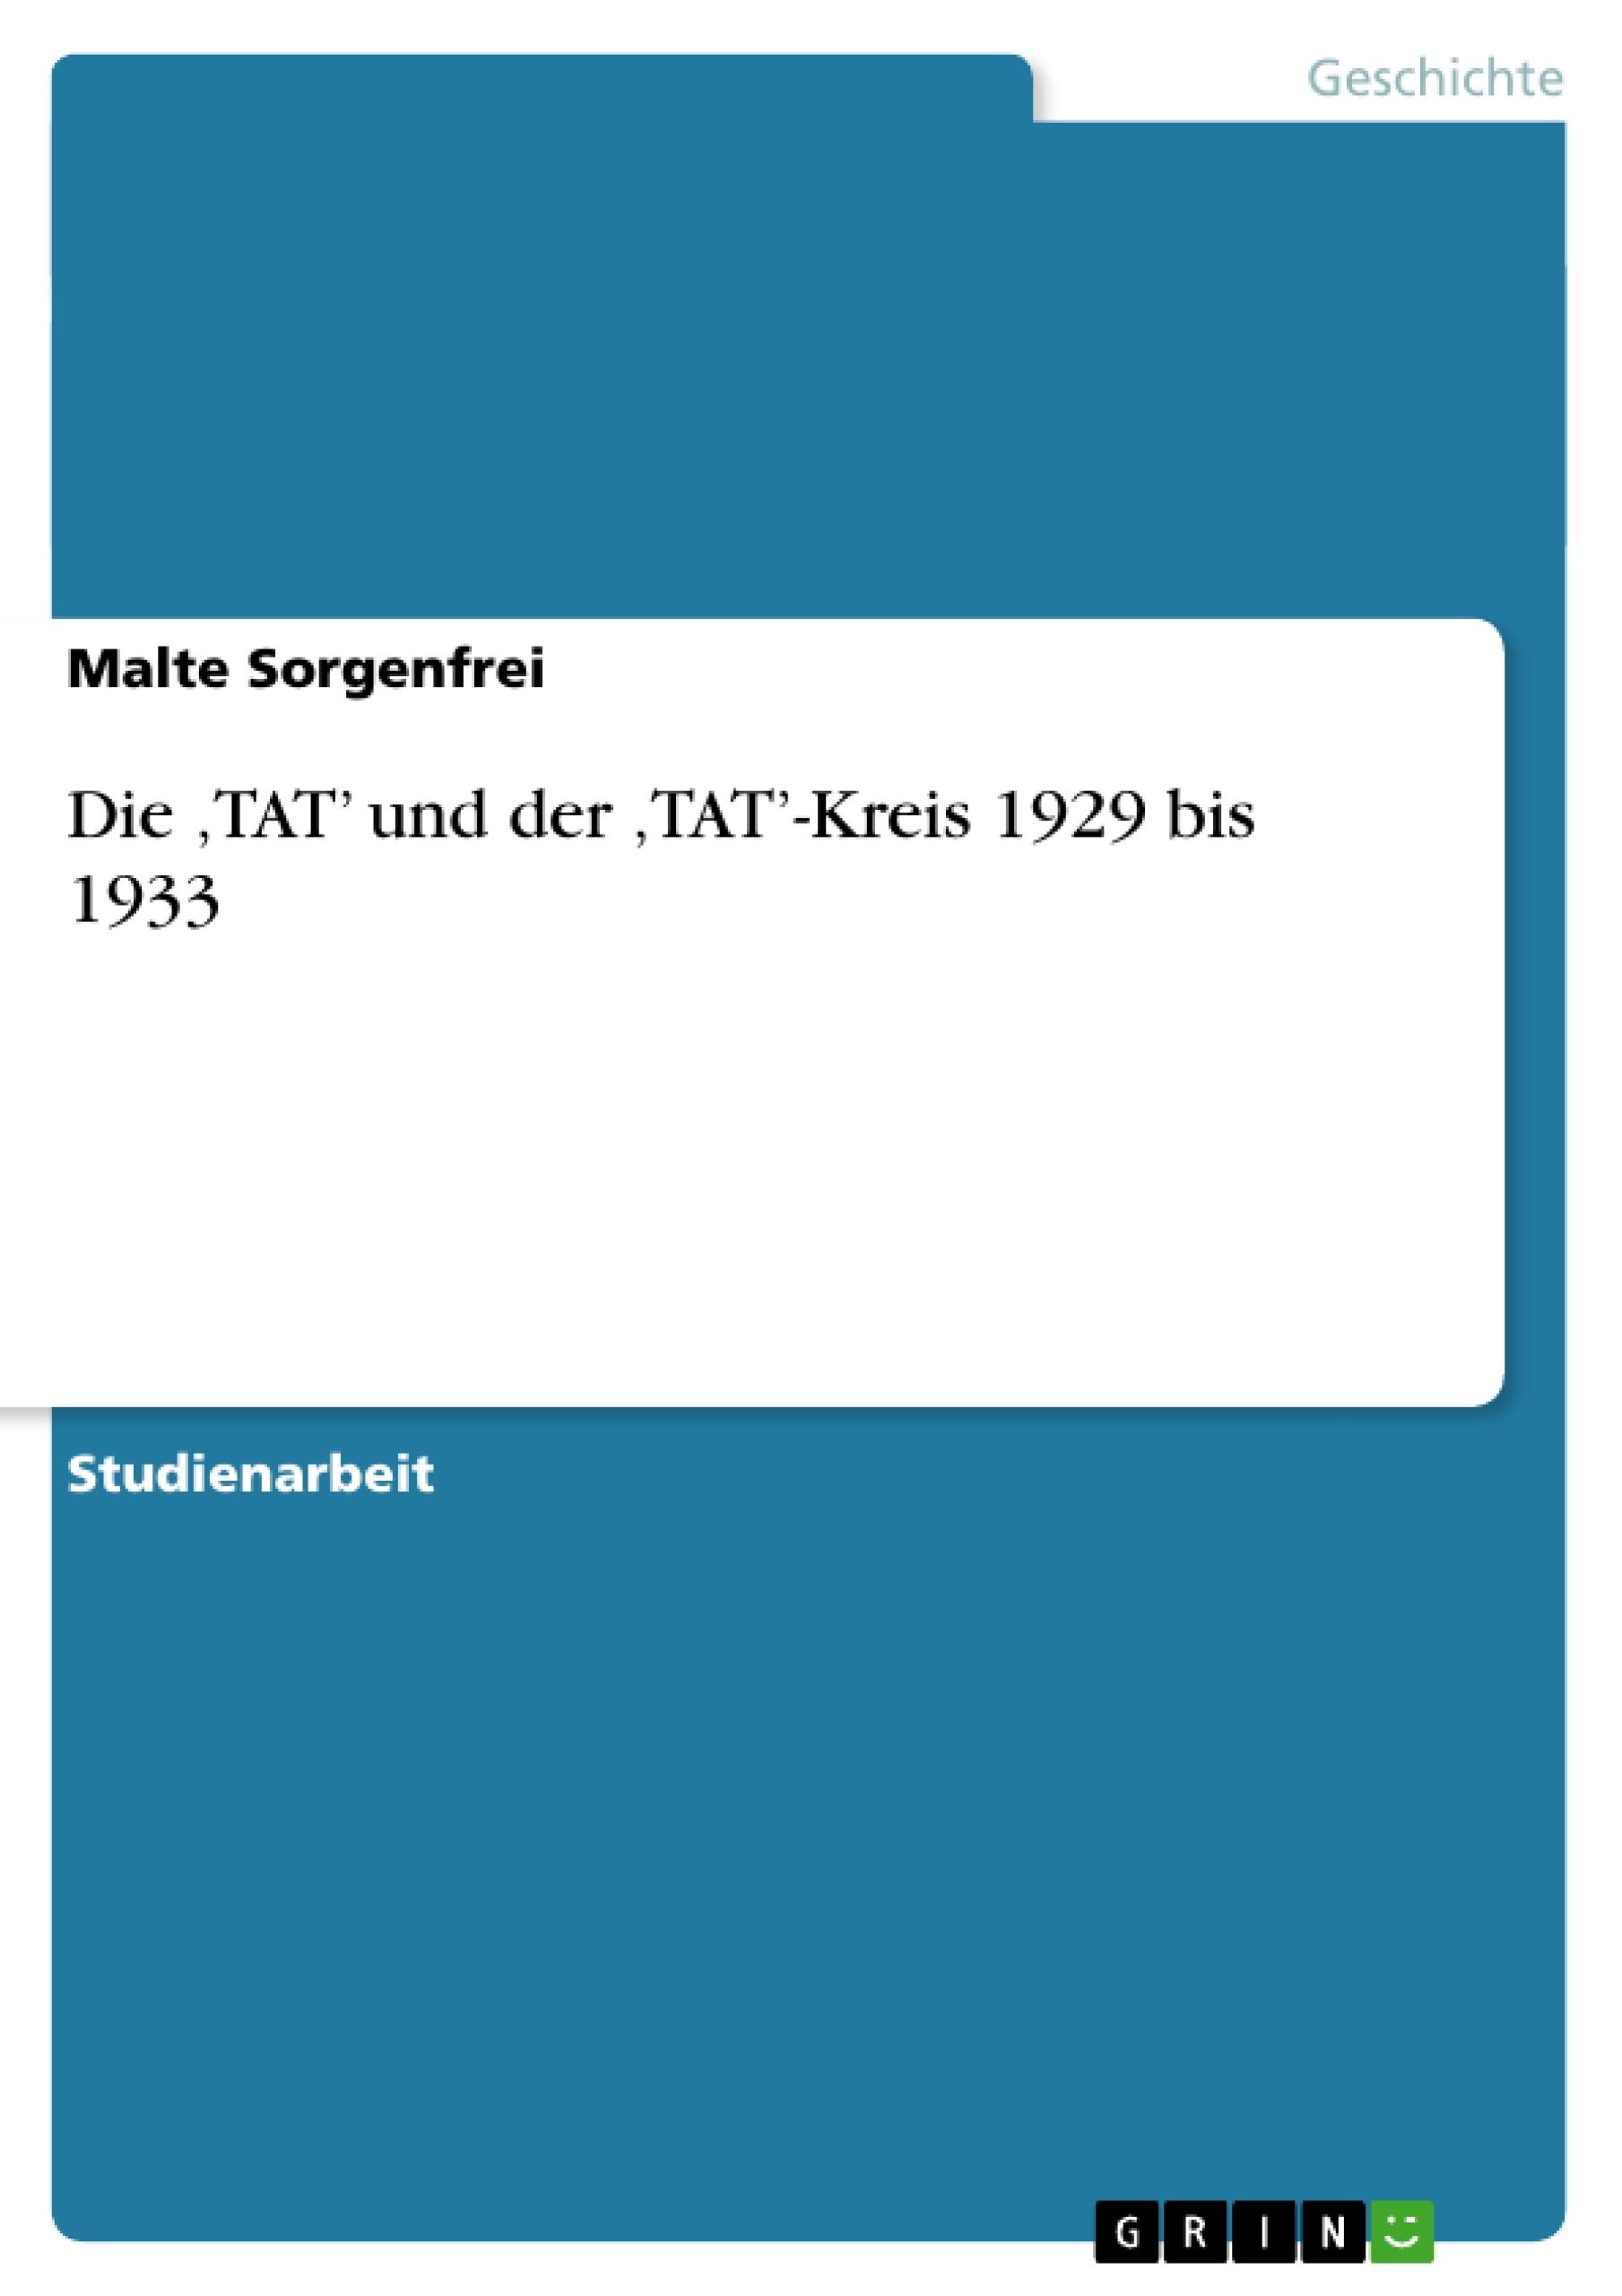 Titel: Die 'TAT' und der 'TAT'-Kreis 1929 bis 1933